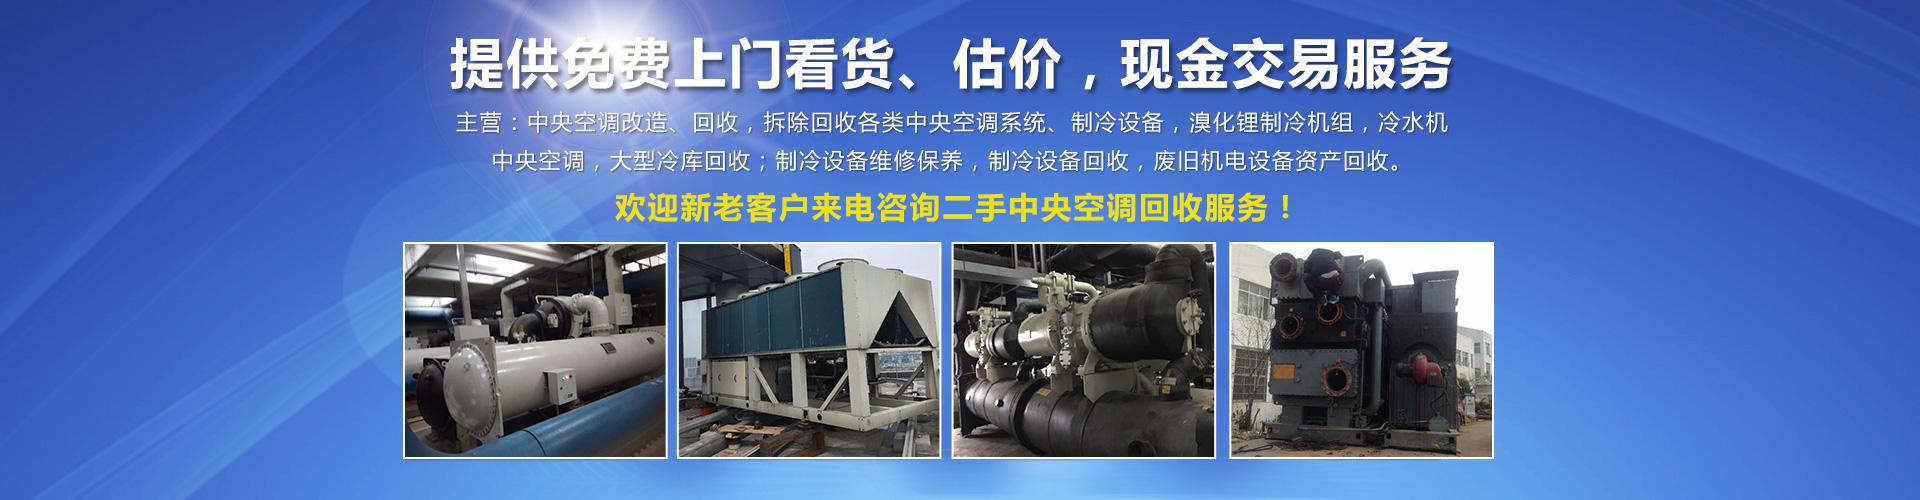 上海市中央空调回收专业拆除人员,专业施工免除后顾之忧